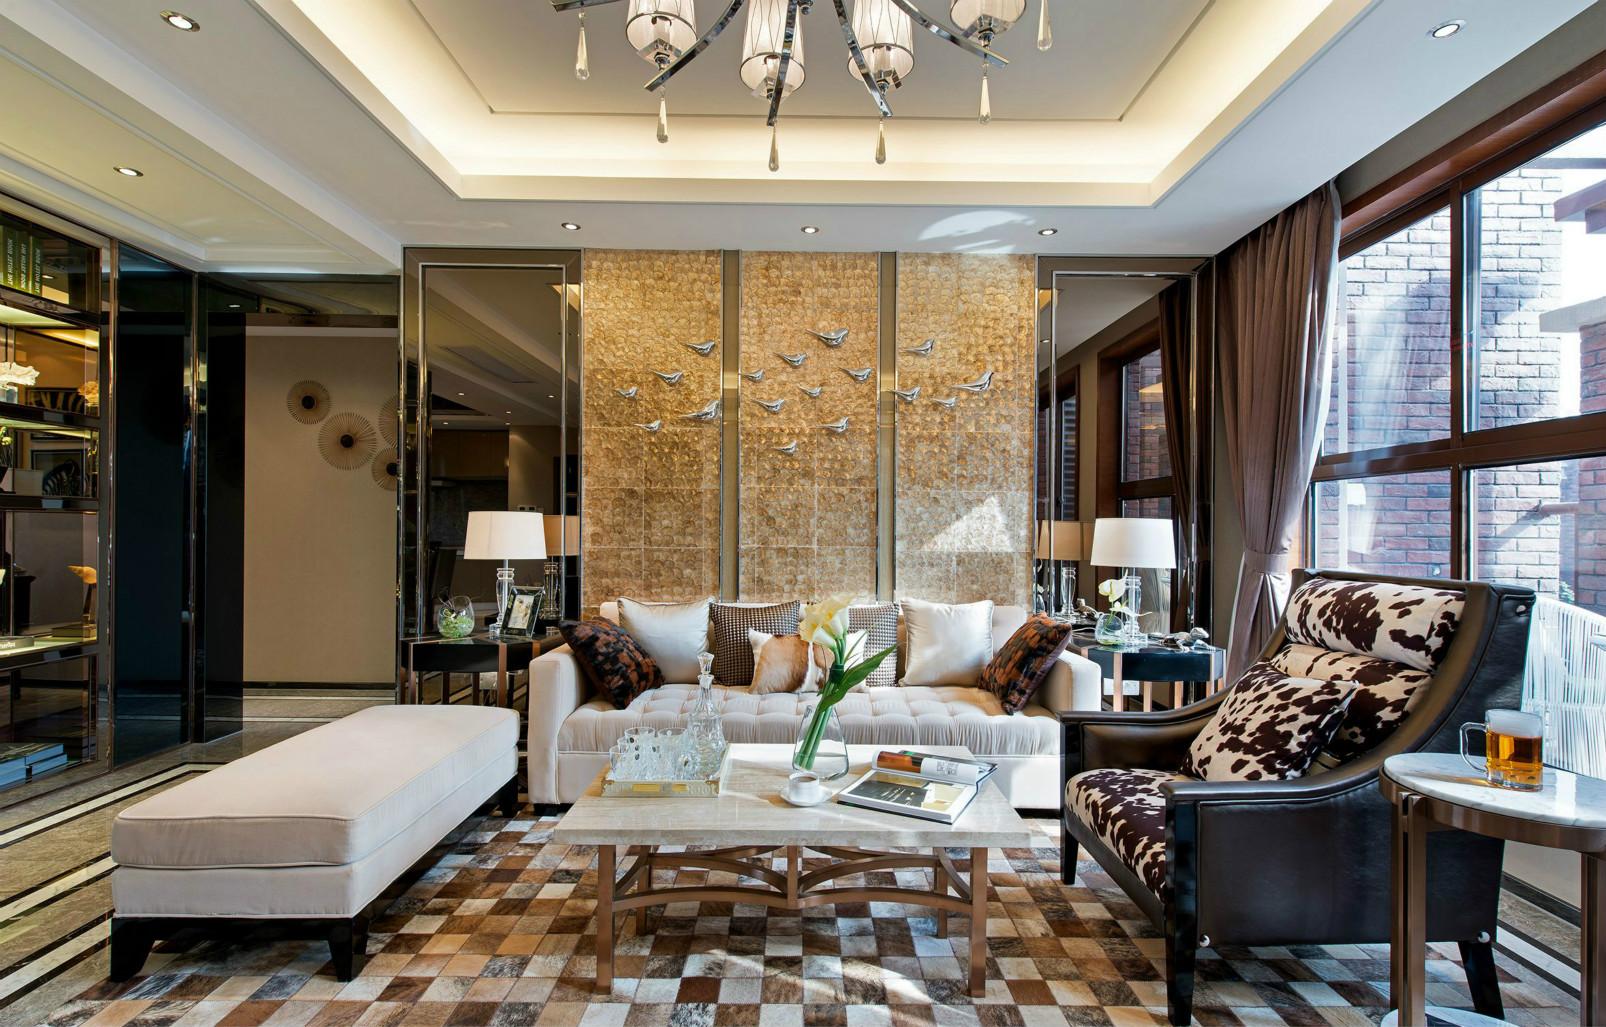 沙发背景墙的设计体现一体延展的极简设计,展现住宅开阔的气势。